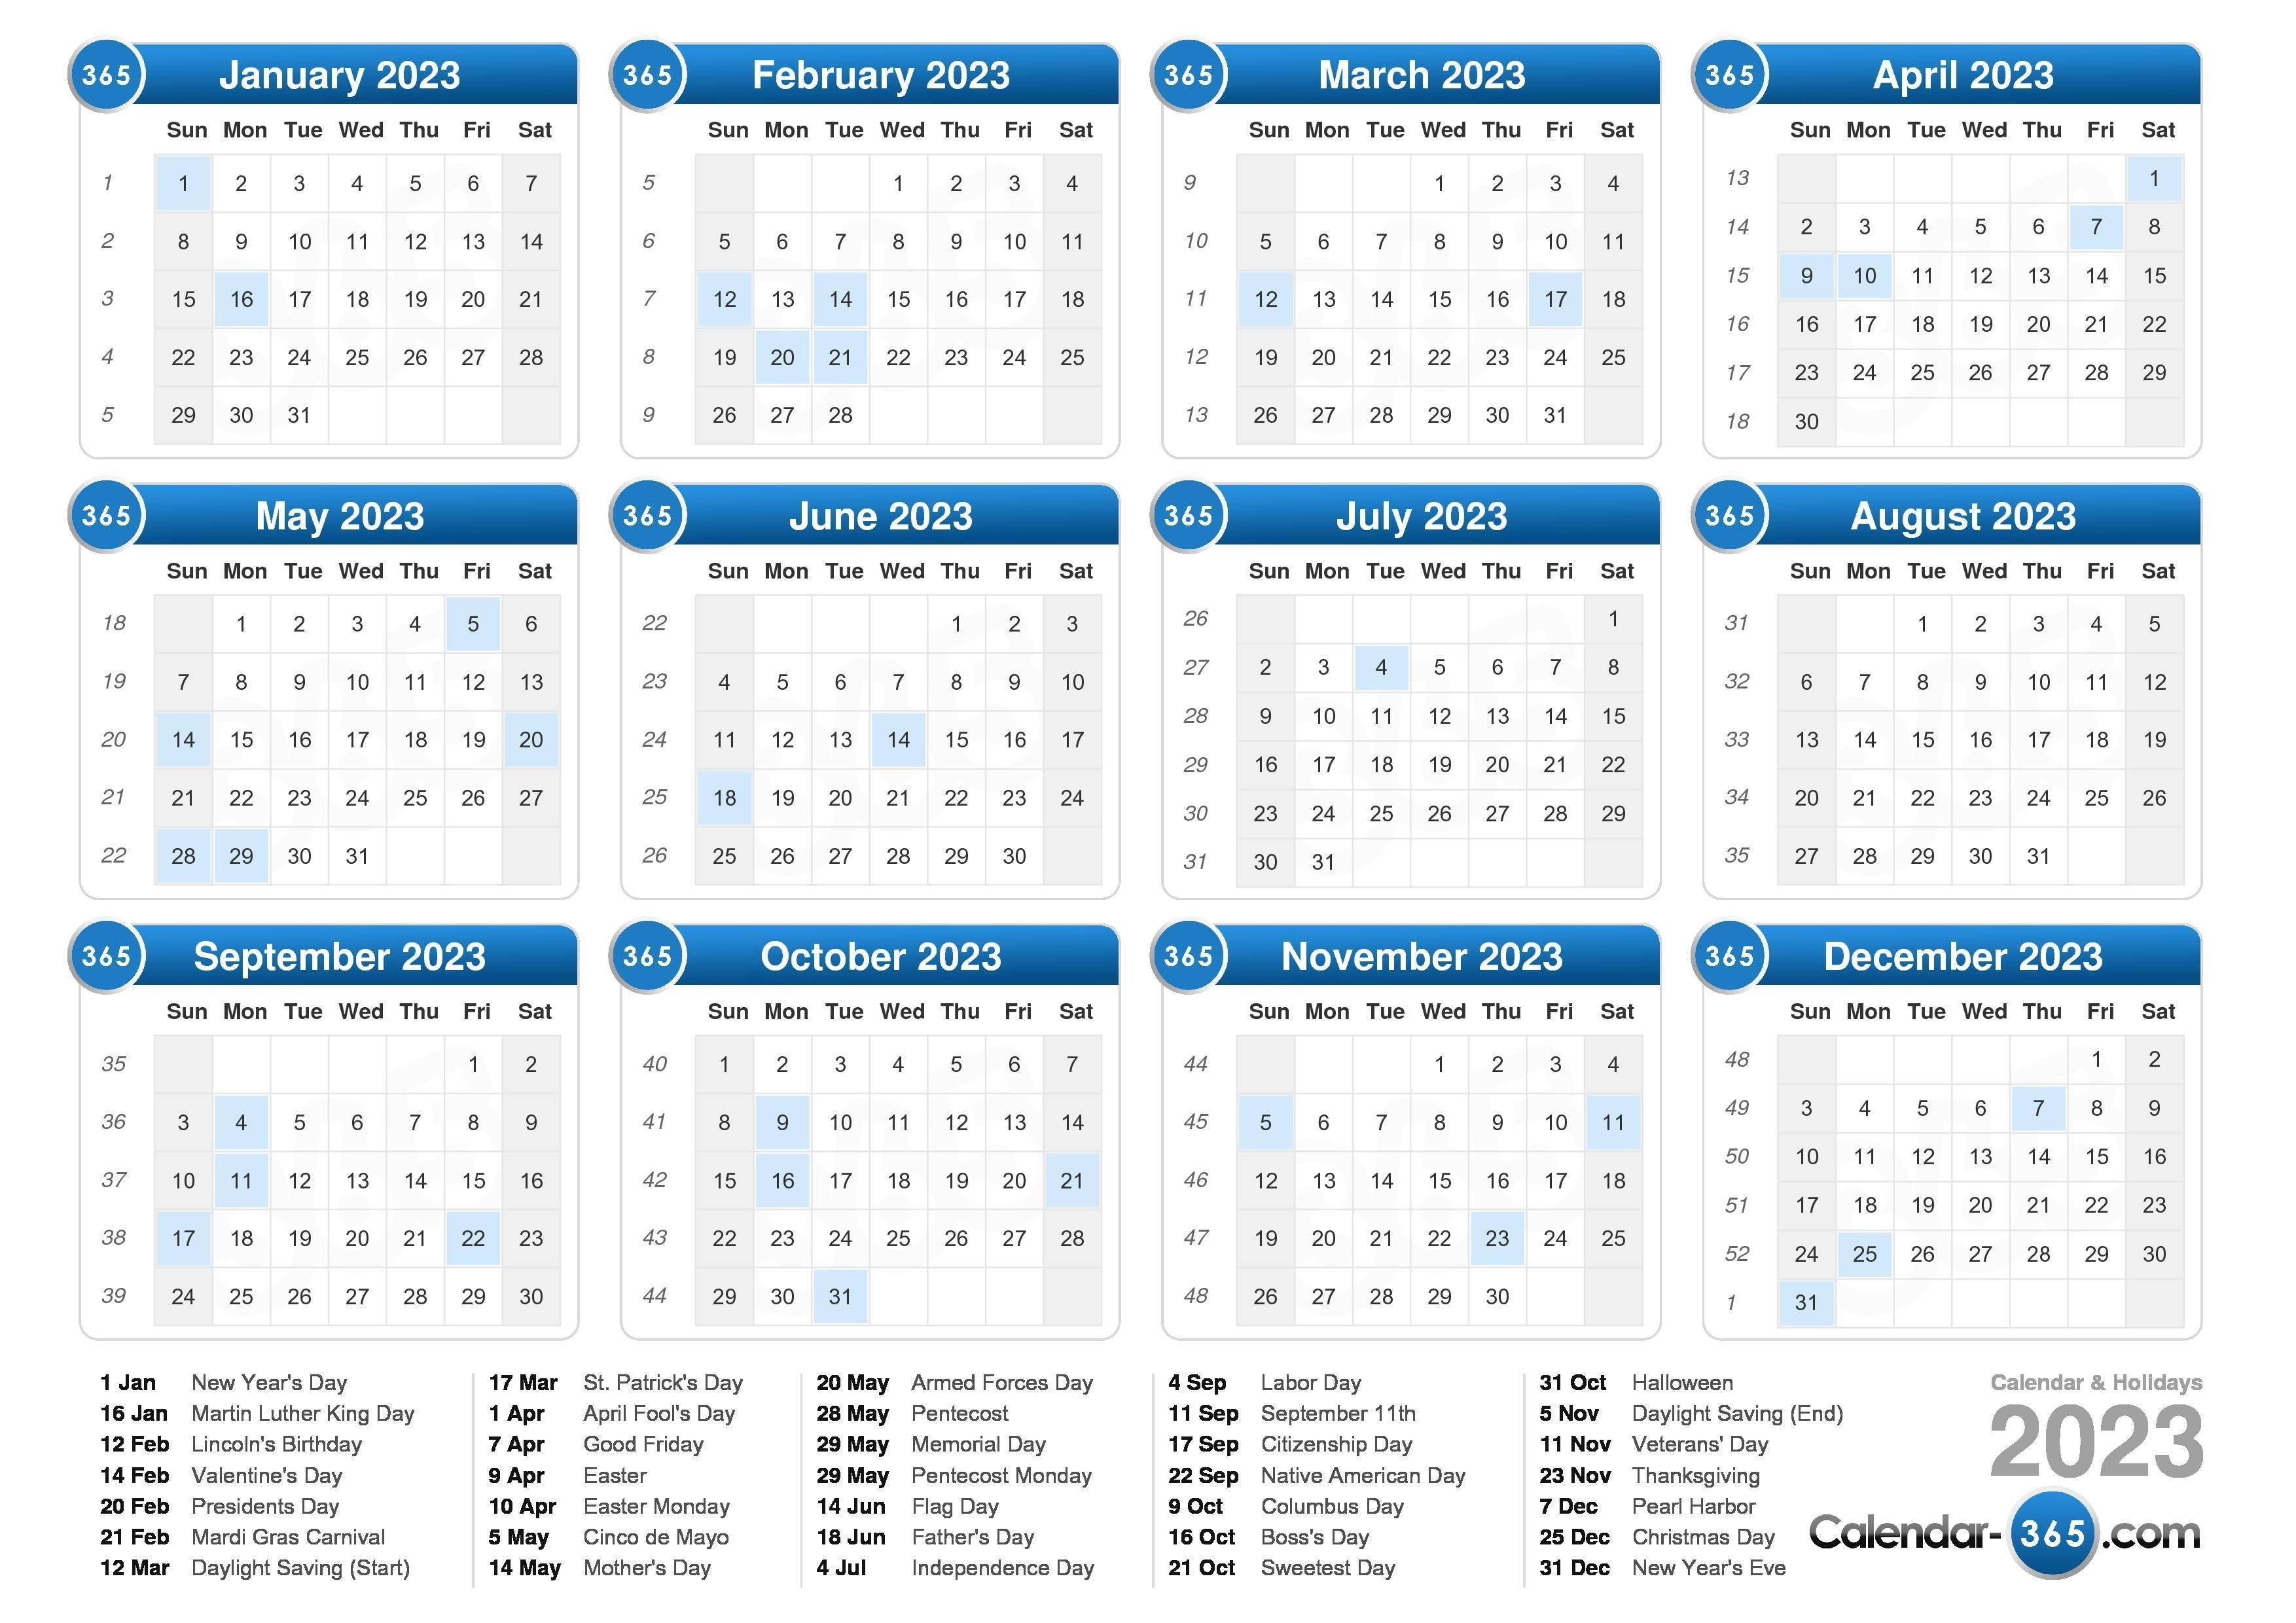 2023 Calendar 5 Year Calendar 2019 To 2023 Printable